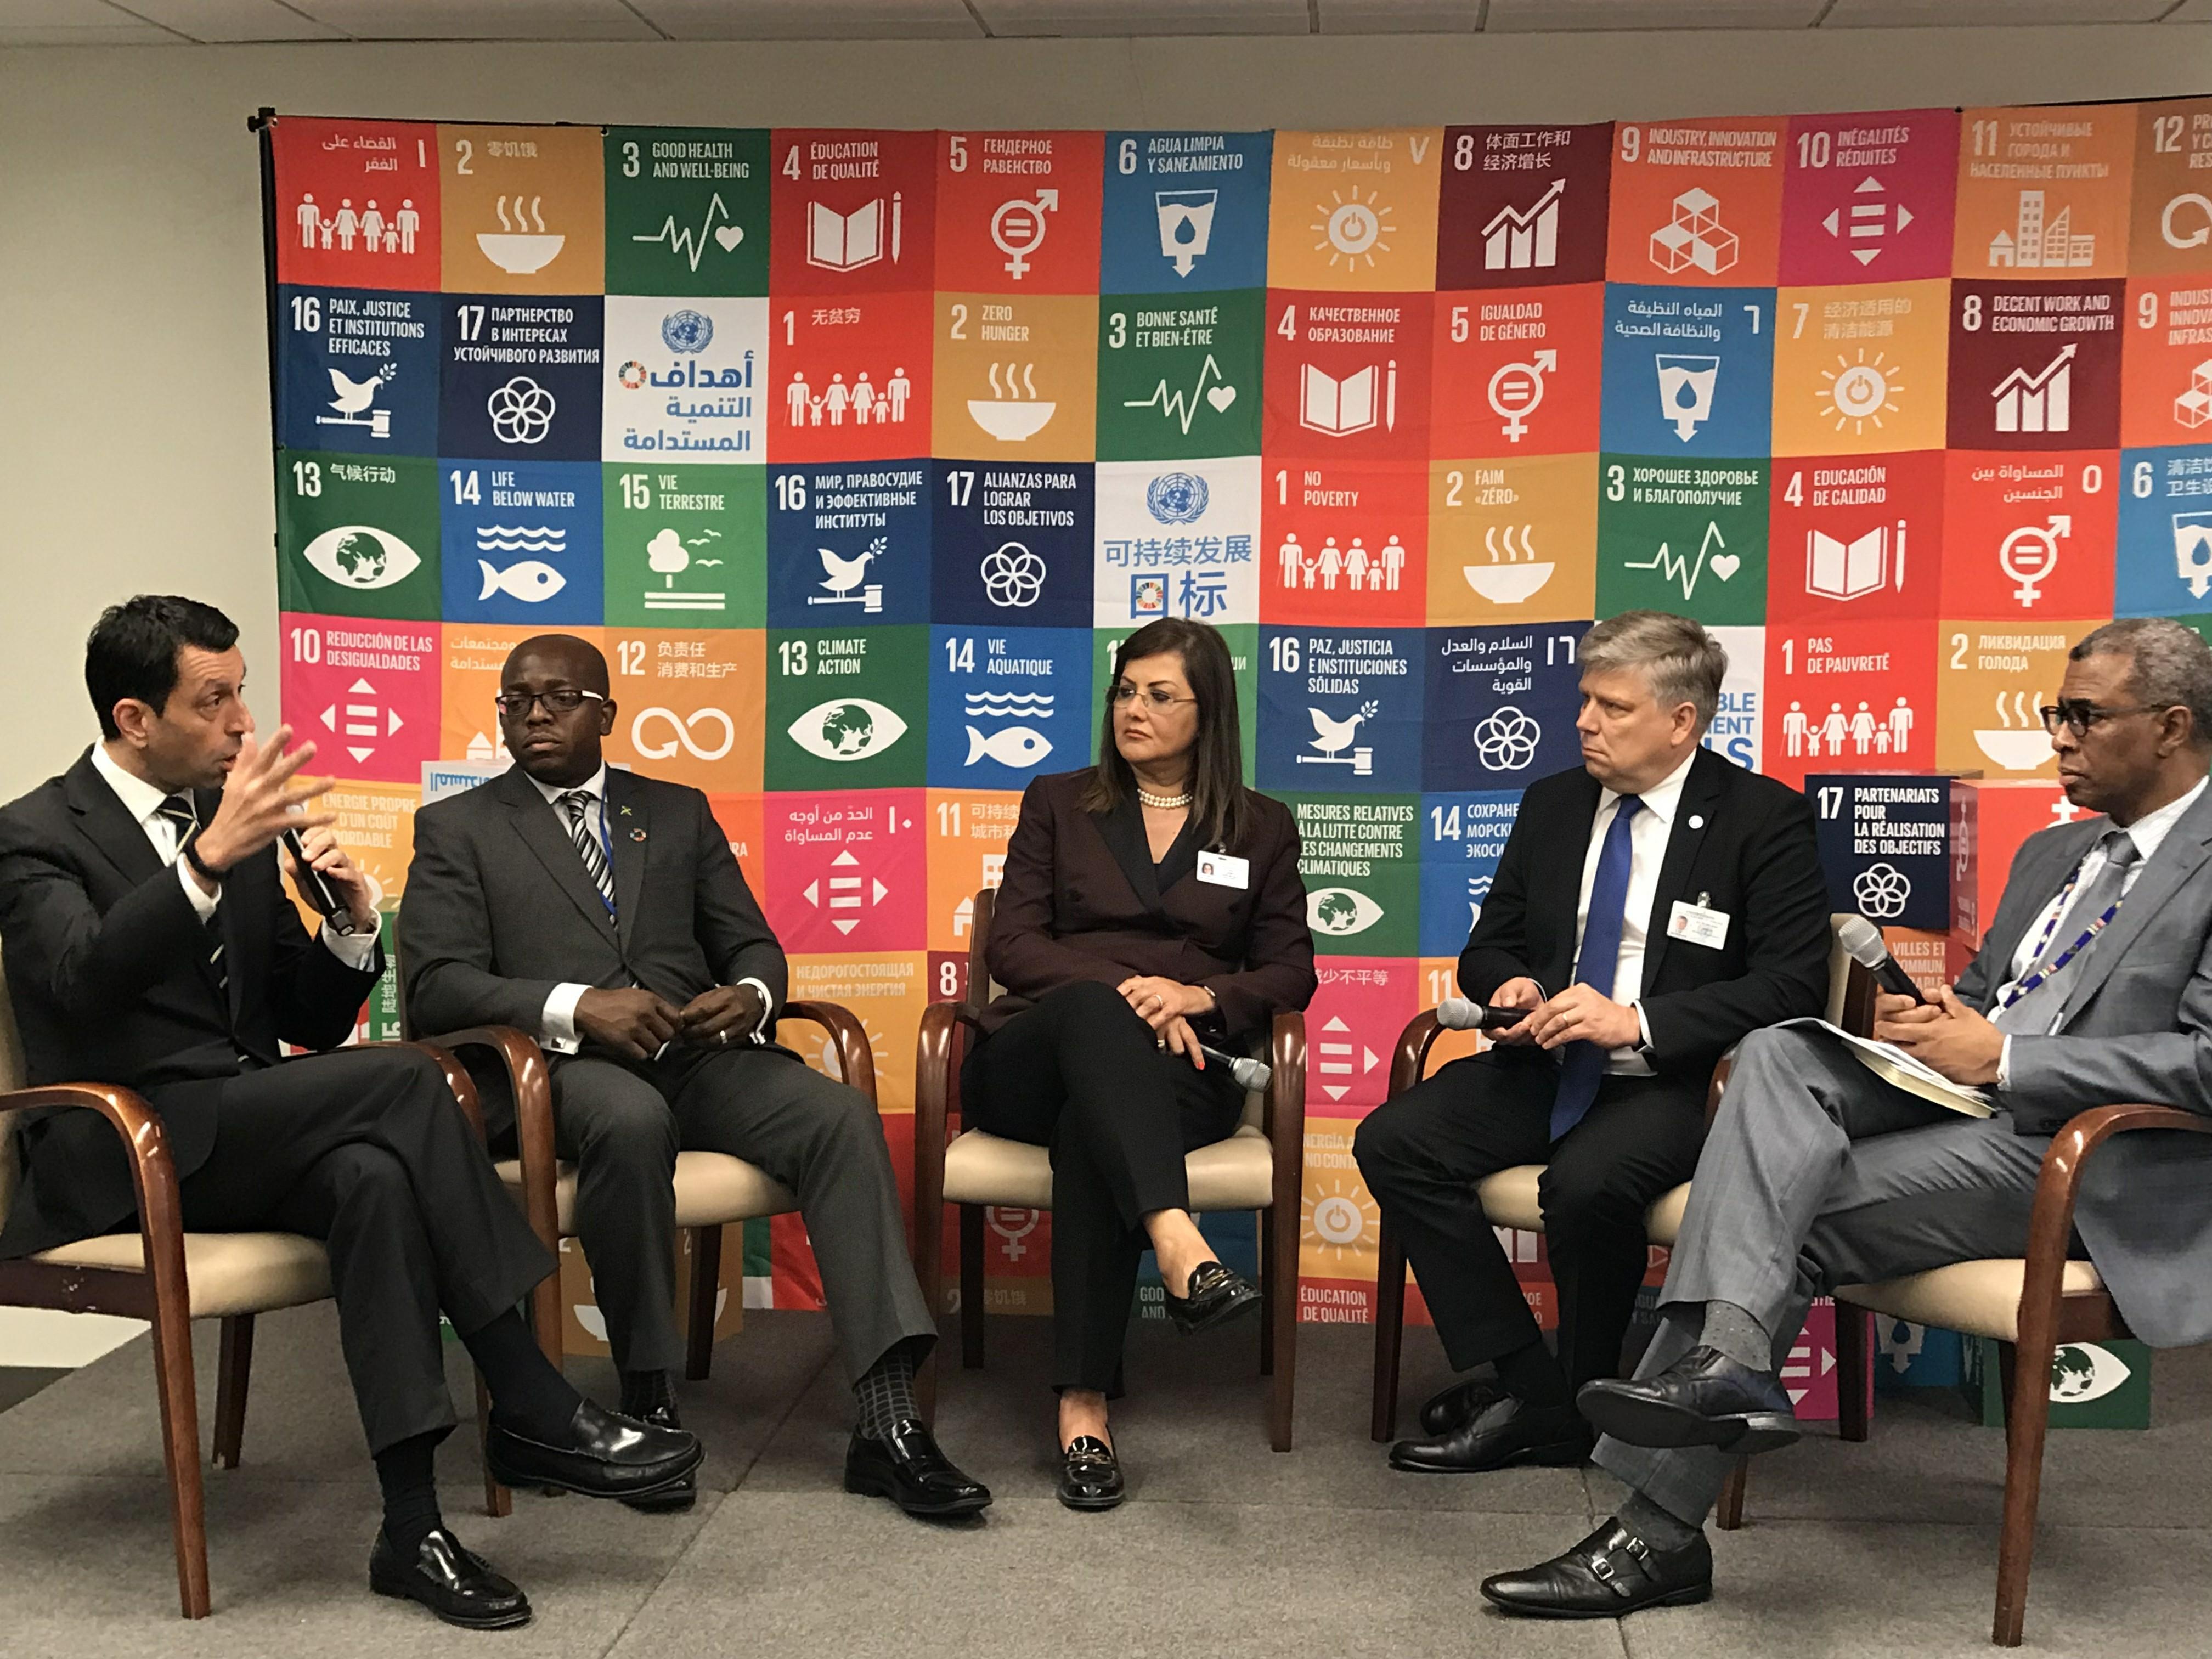 BRI boosts Asia-Pacific's sustainable development goals: UN ESCAP official